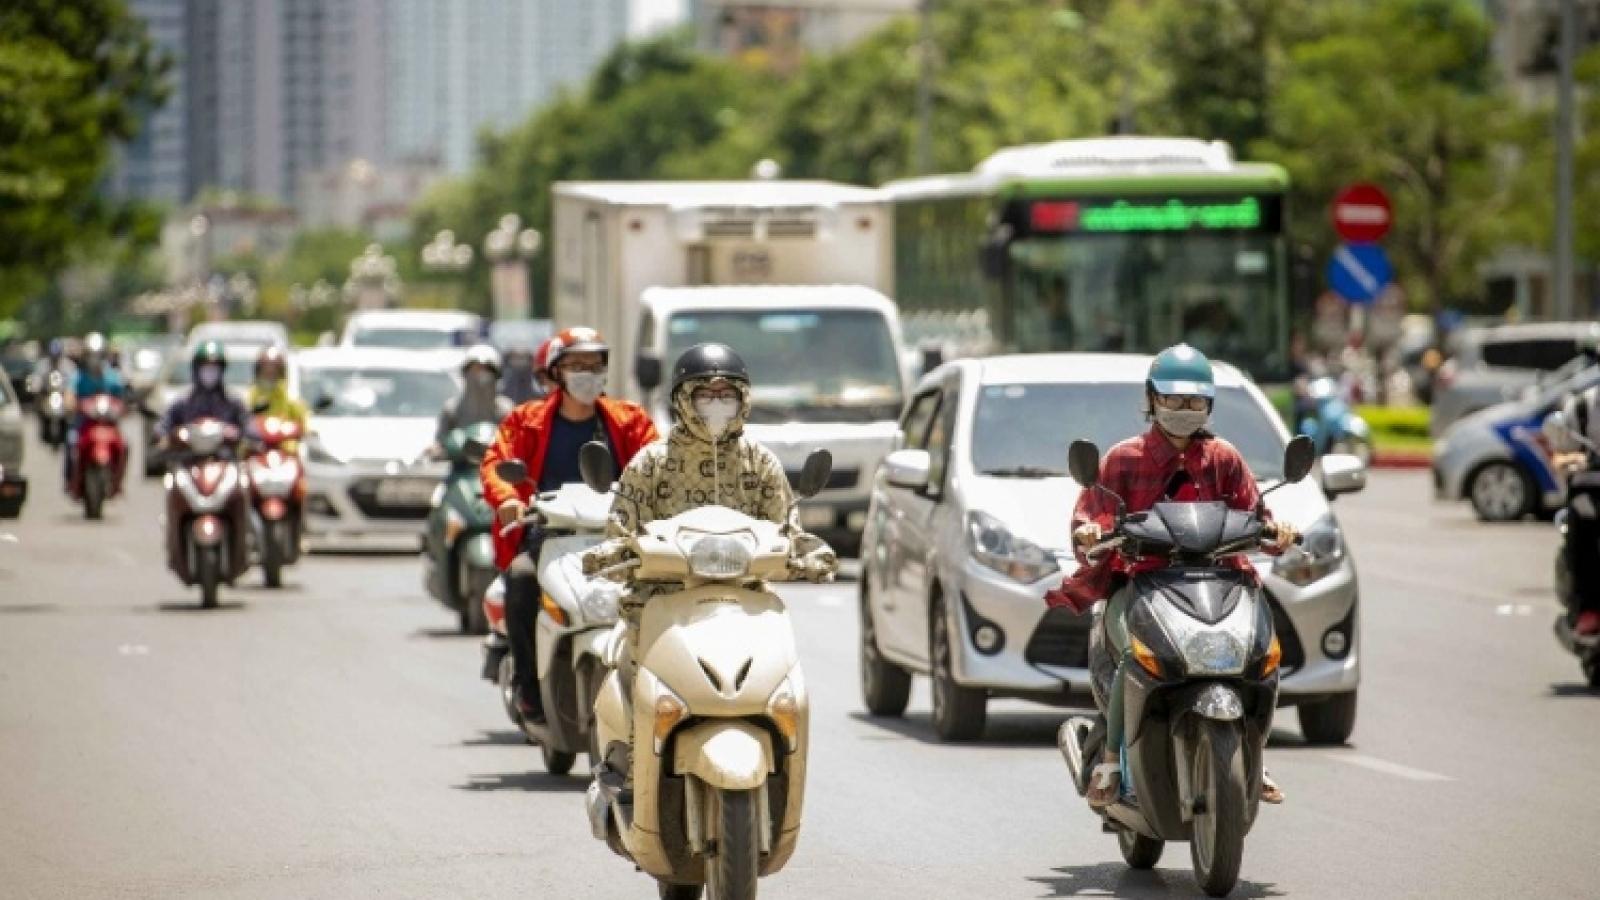 Thời tiết hôm nay 14/6: Hà Nội ngày nắng, chiều tối có mưa vài nơi